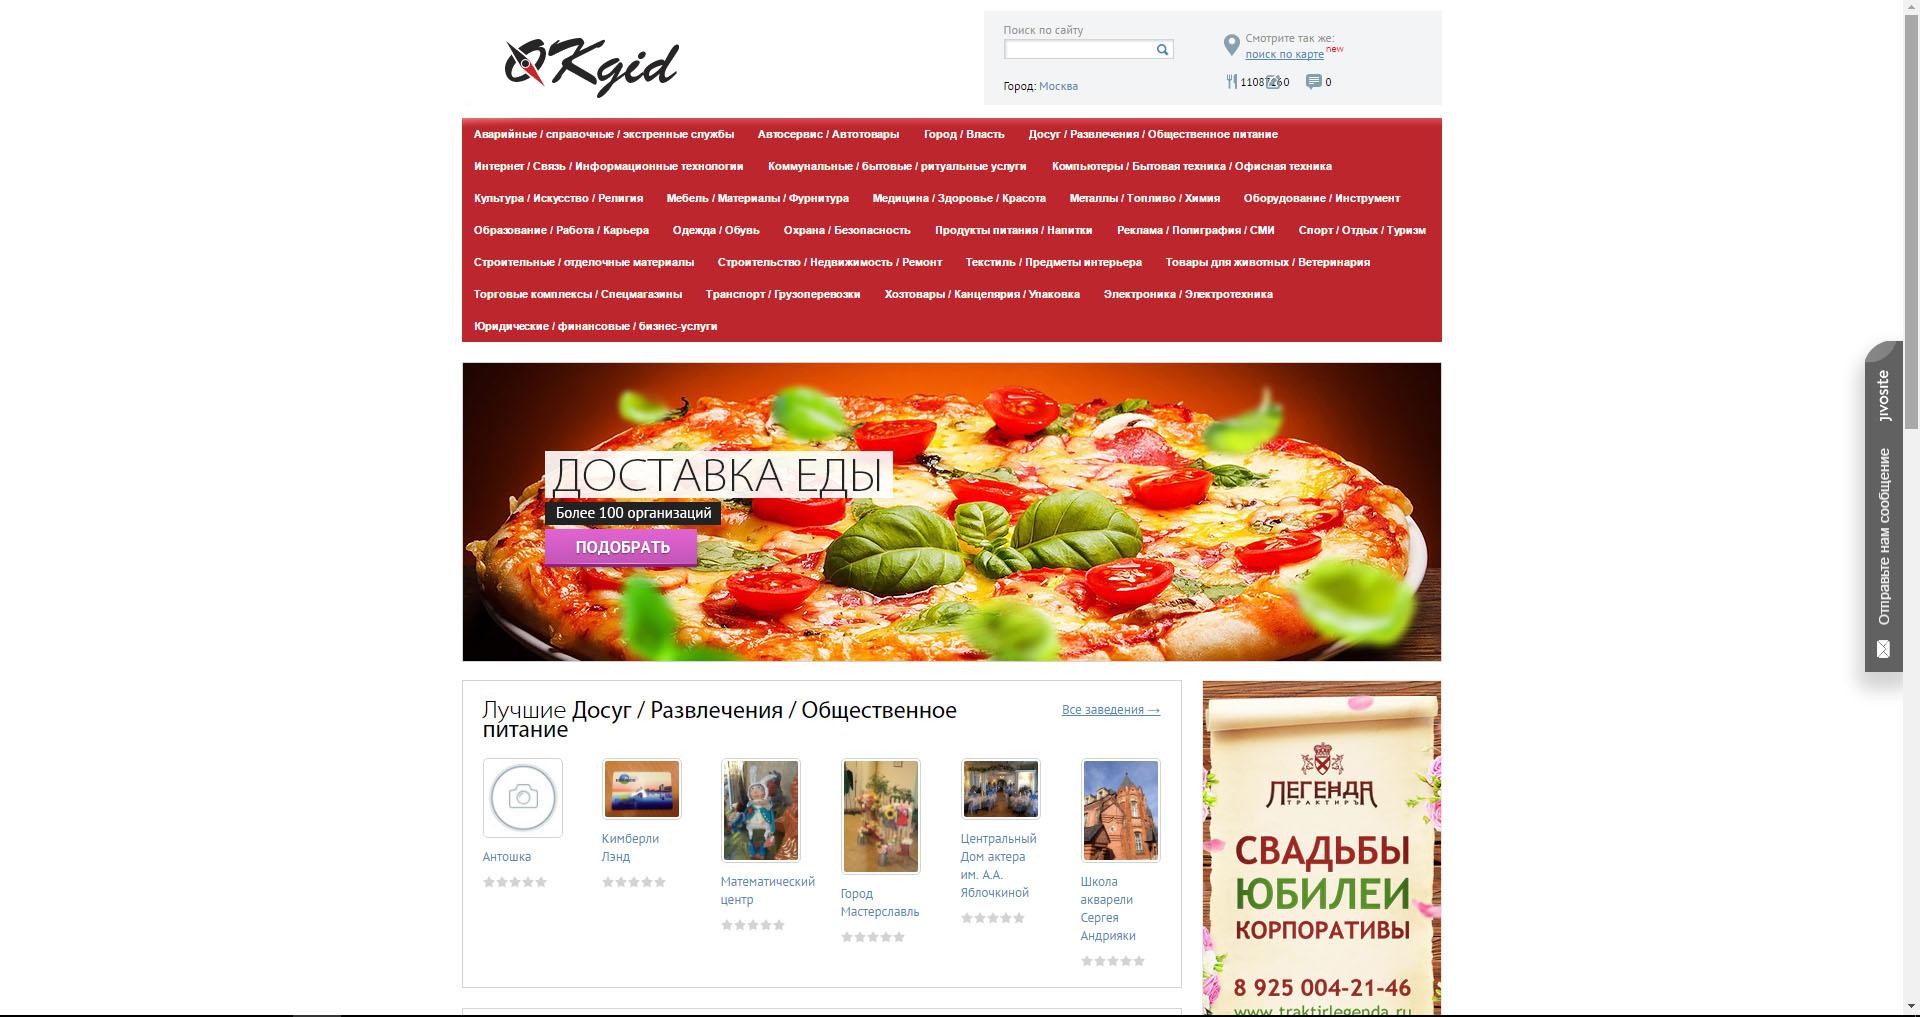 Логотип для сайта OKgid.ru фото f_34557c93c09d3eaf.jpg